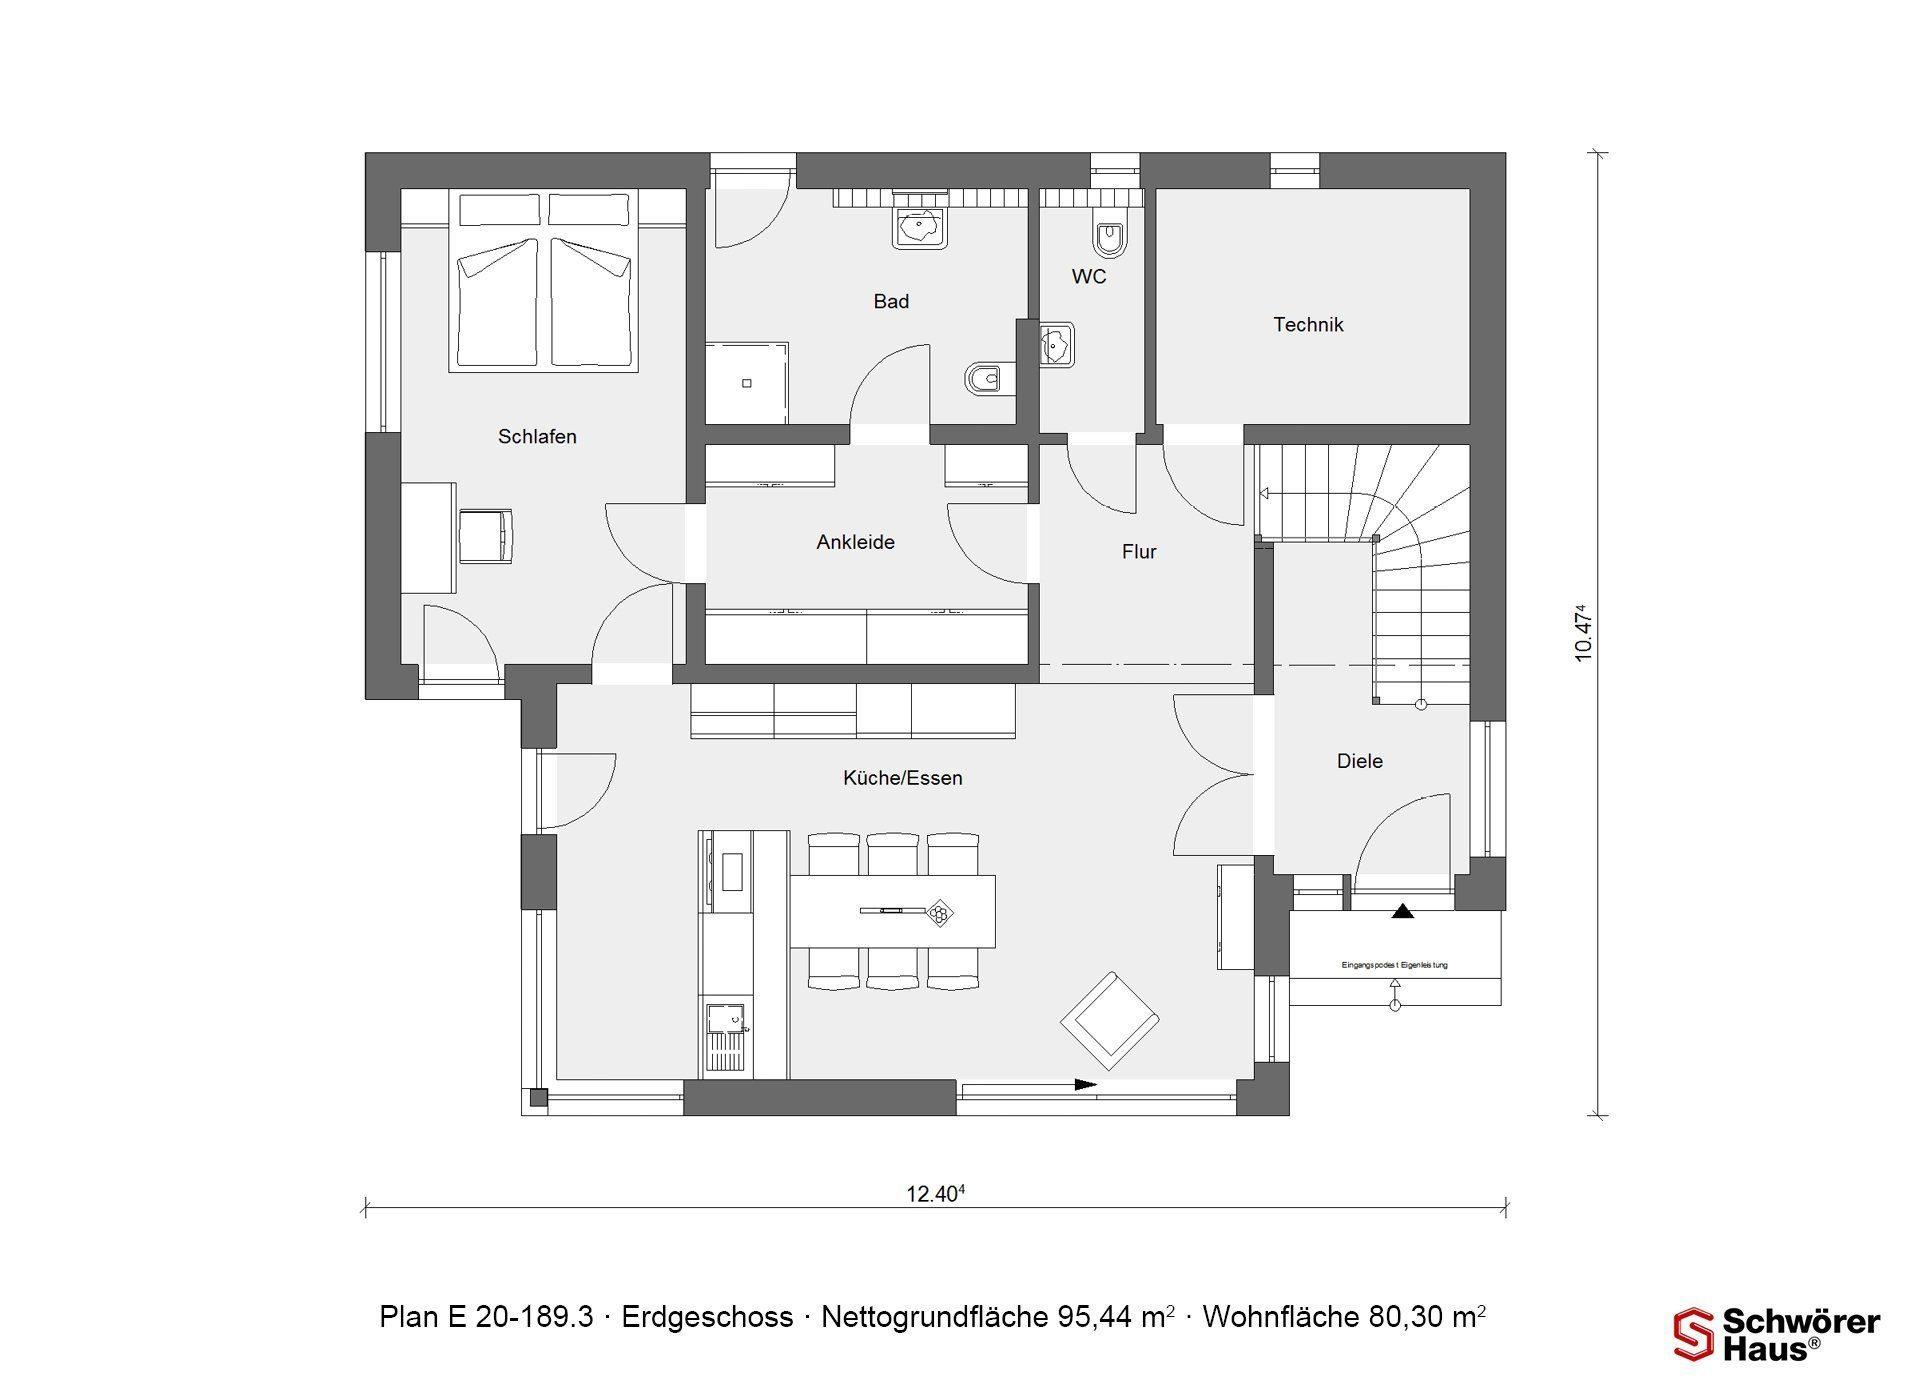 Kubushaus modern - Eine Nahaufnahme eines Geräts - Gebäudeplan